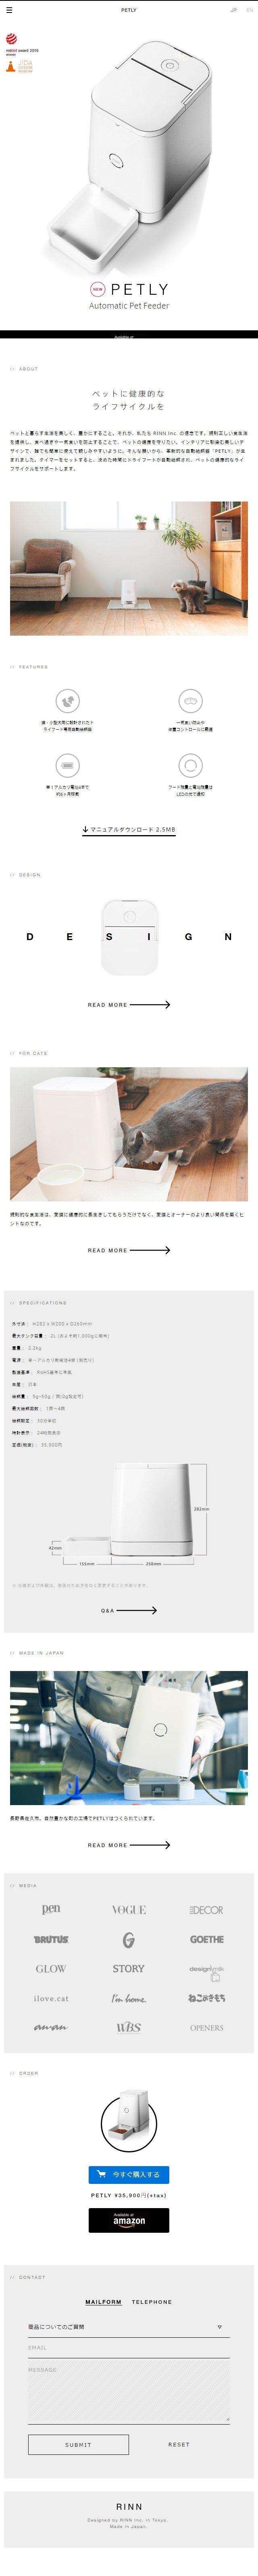 PETLY【ペット・花・DIY工具関連】のLPデザイン。WEBデザイナーさん必見!スマホランディングページのデザイン参考に(シンプル系)